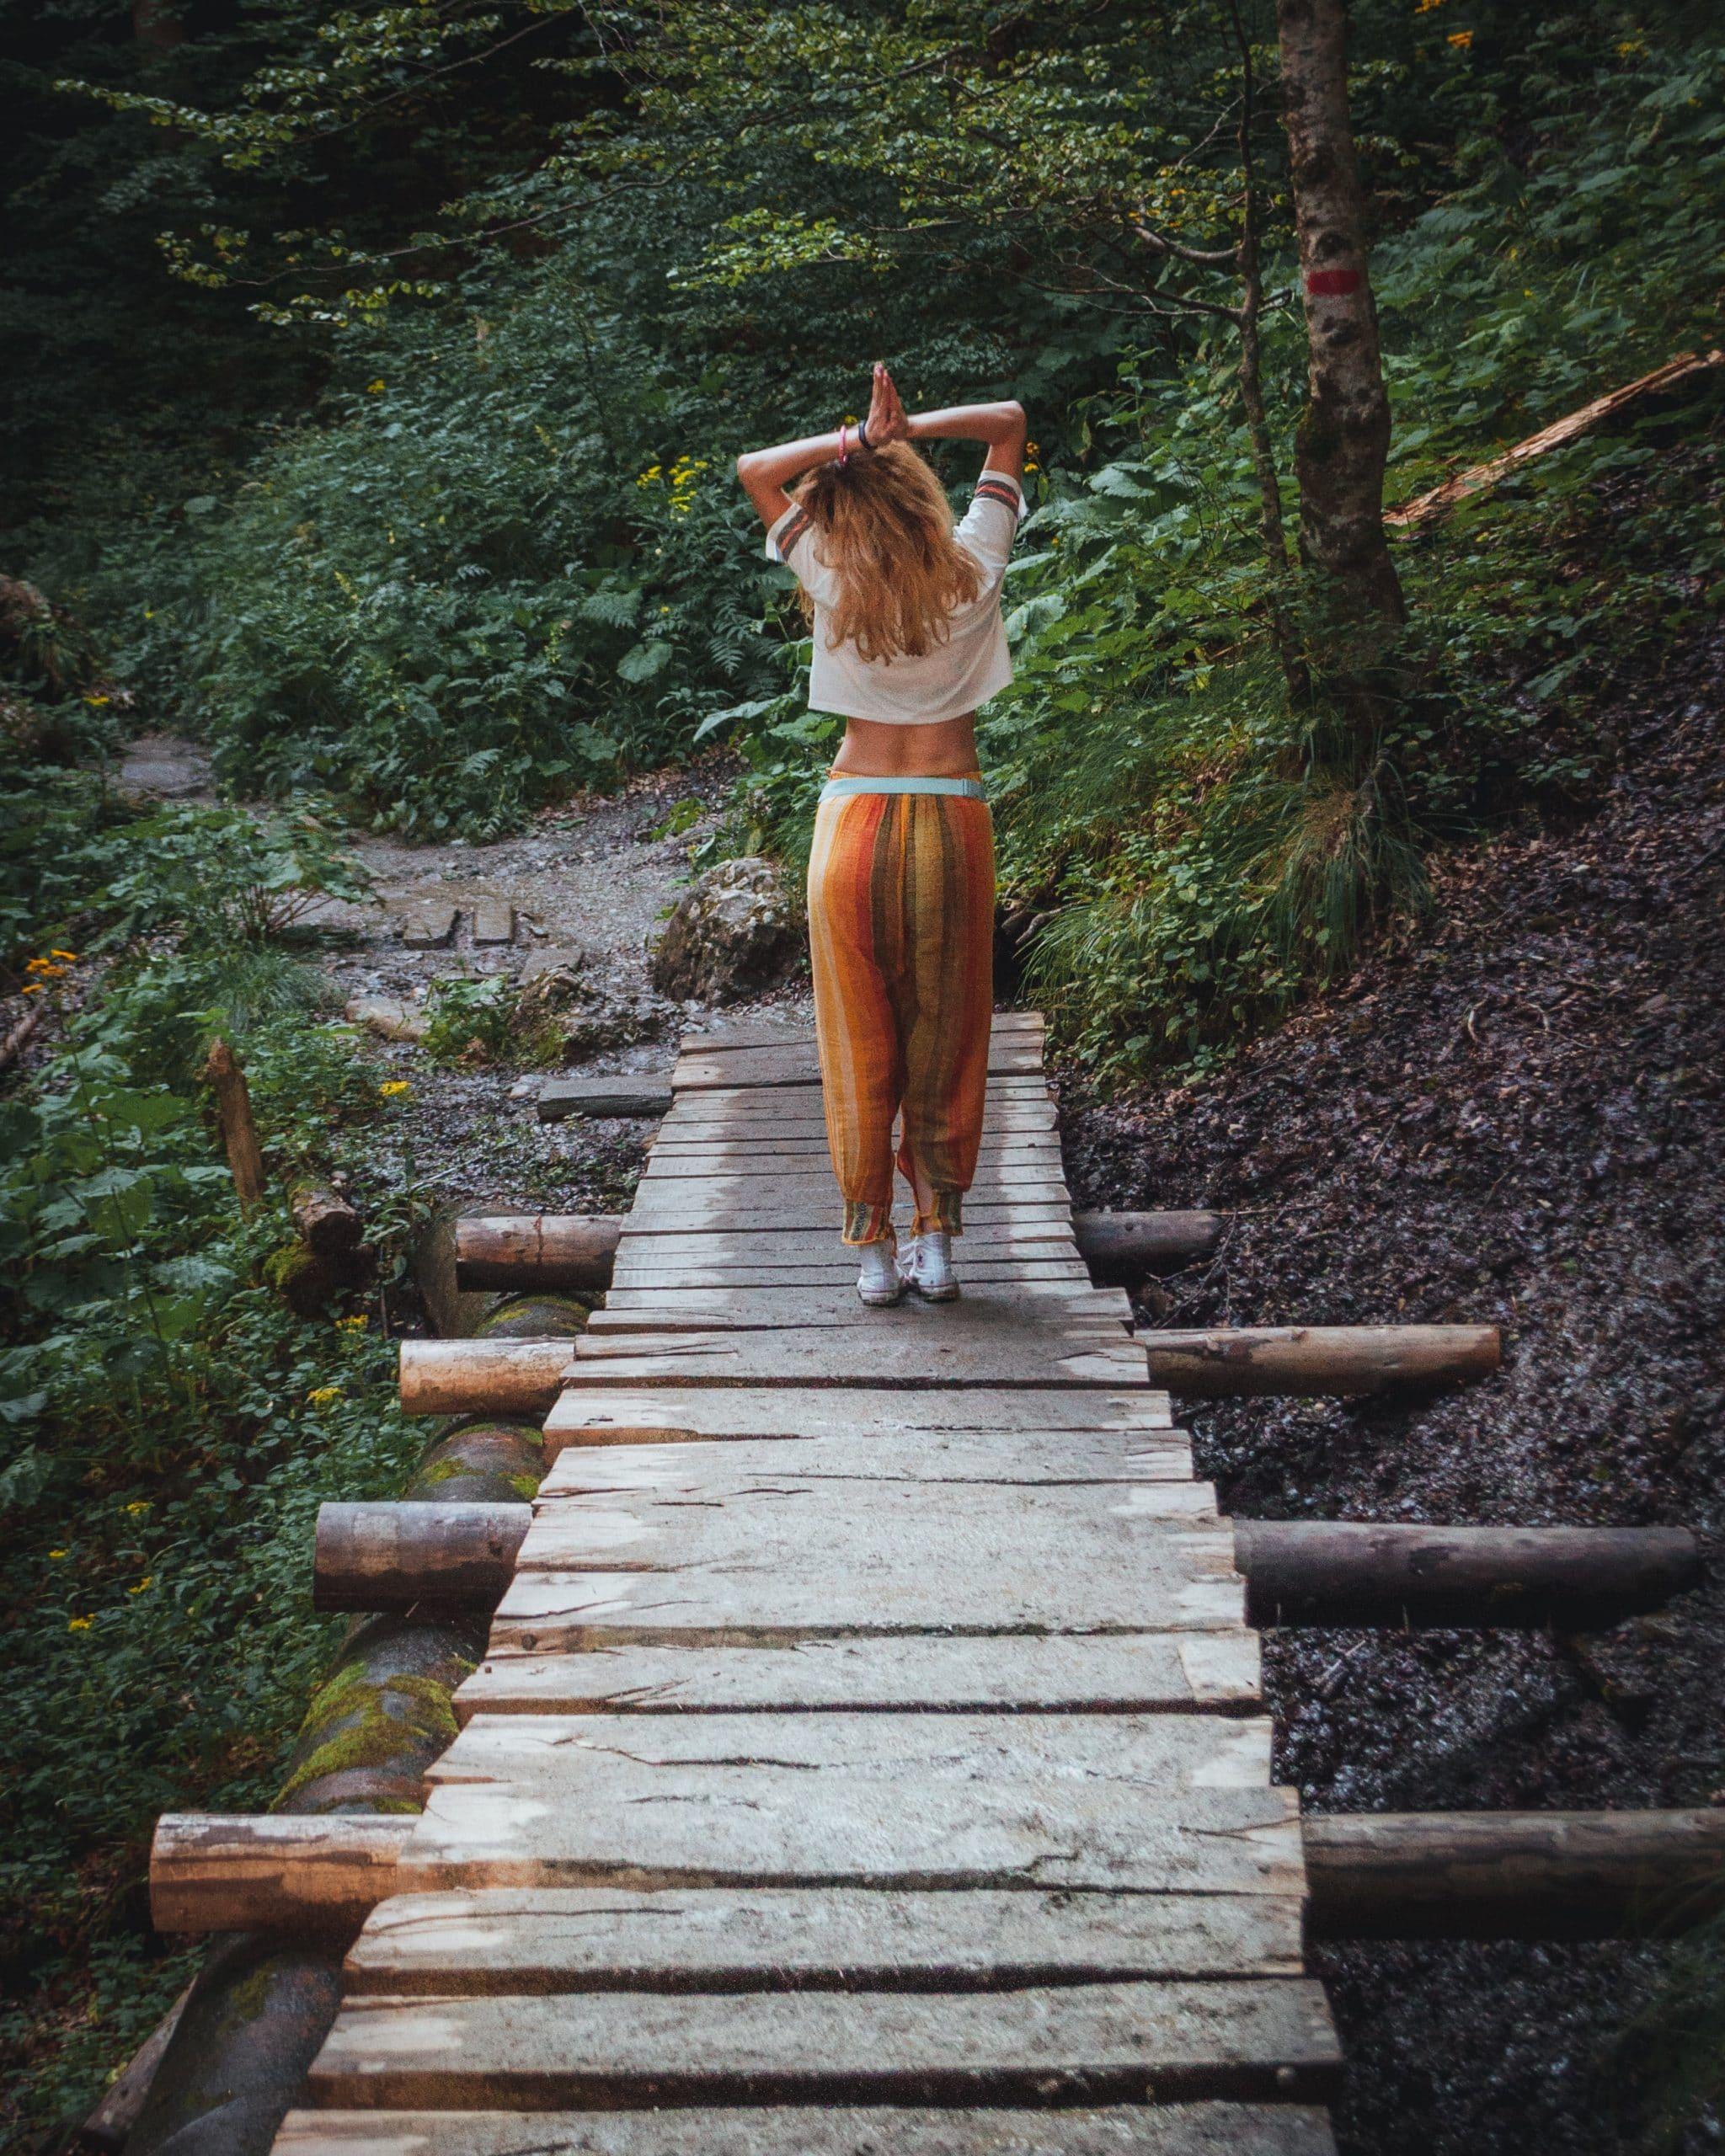 Frau in Bohemian Kleidung auf Holzbrücke im Dschungel